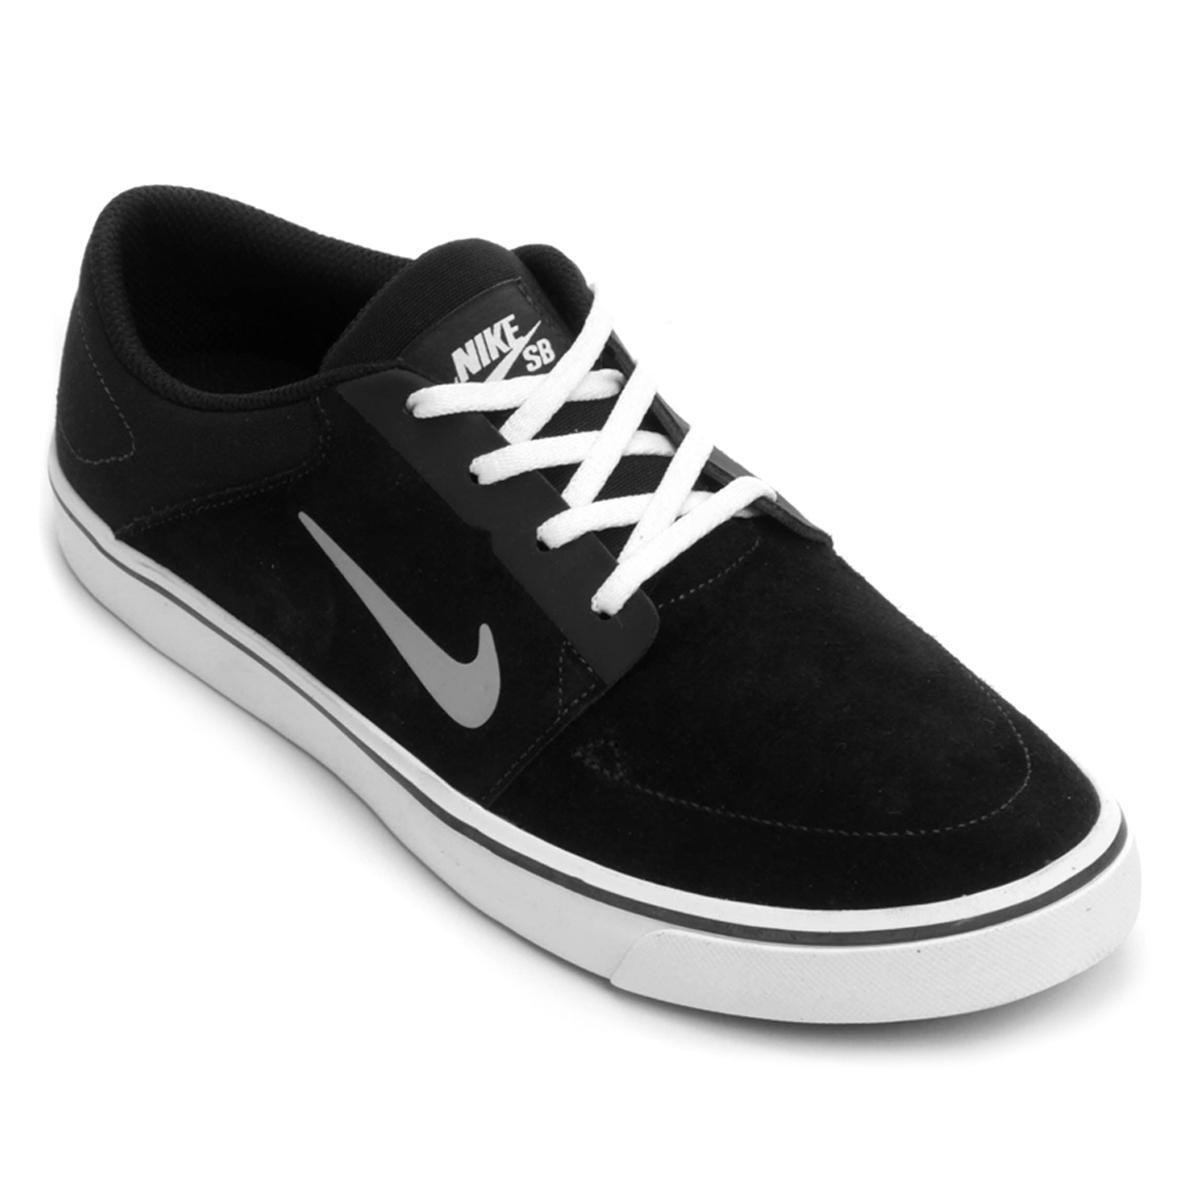 243e7db94e8 Tênis Nike SB Portmore - Compre Agora